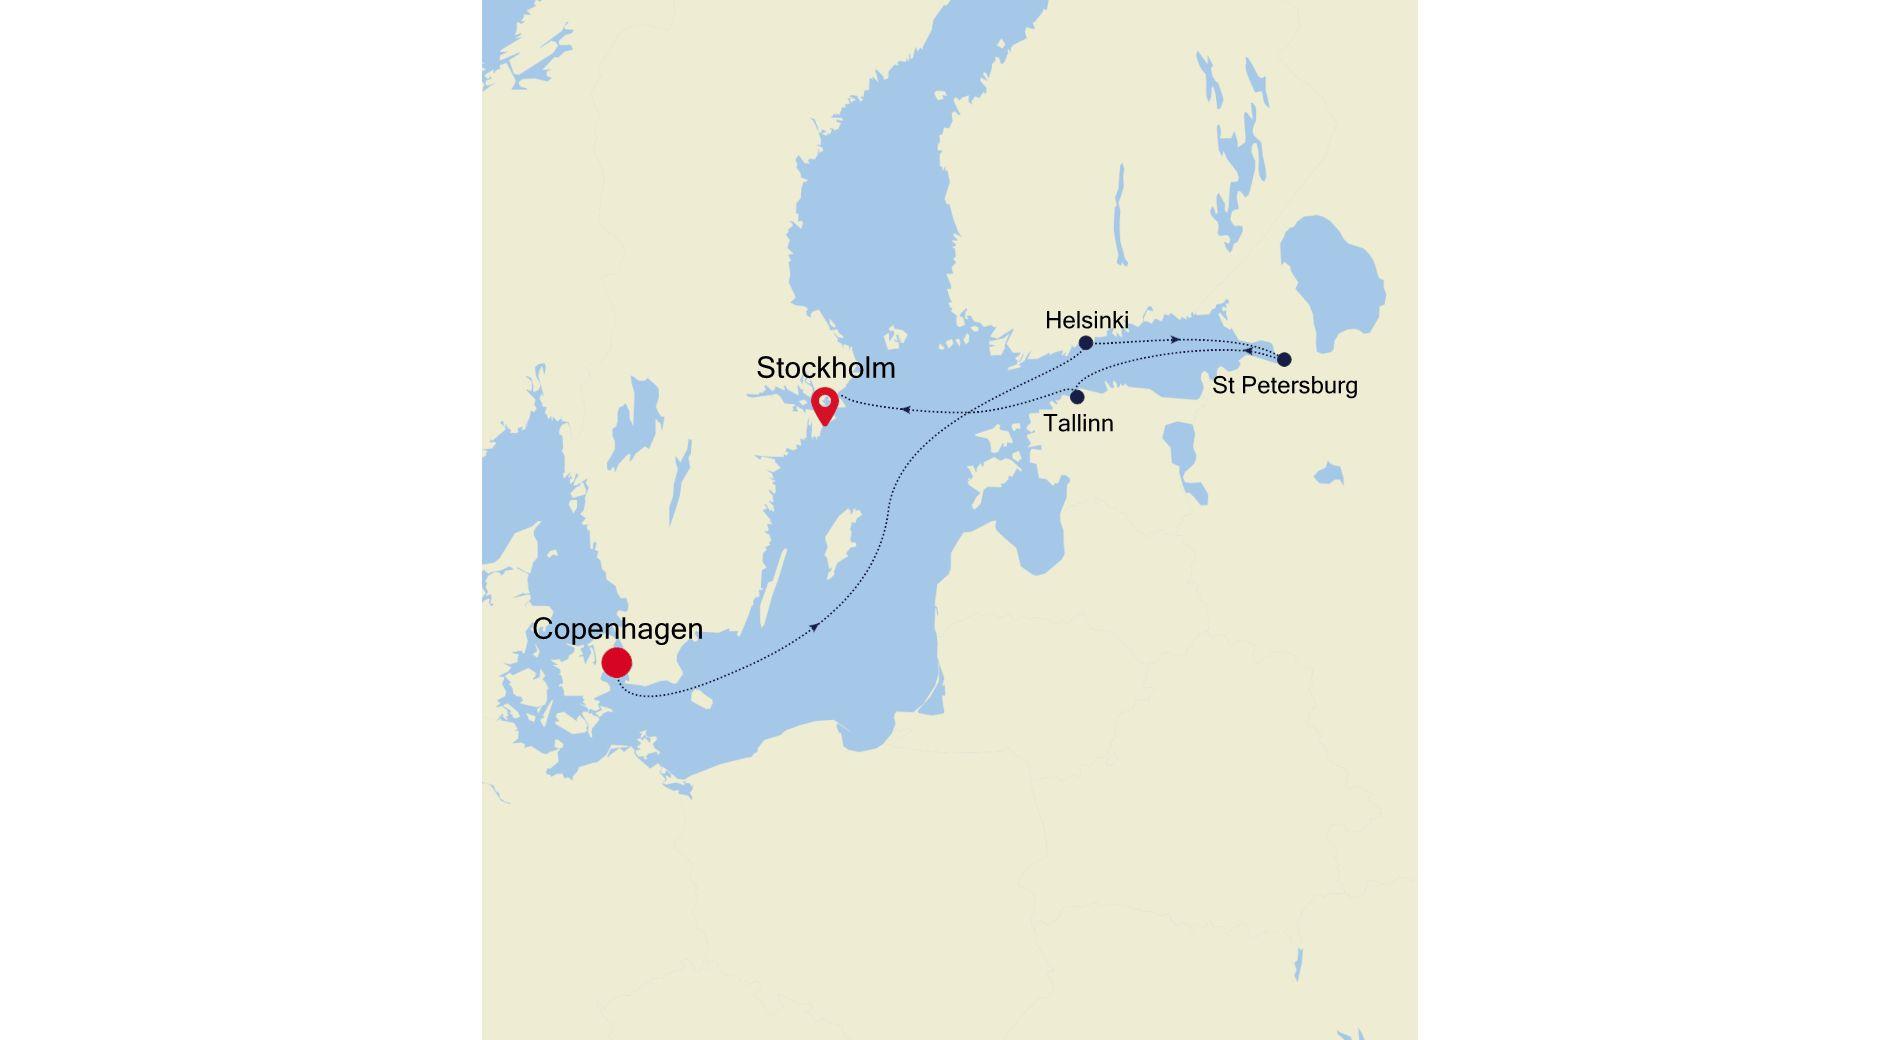 SL210622007 - Copenhagen à Stockholm